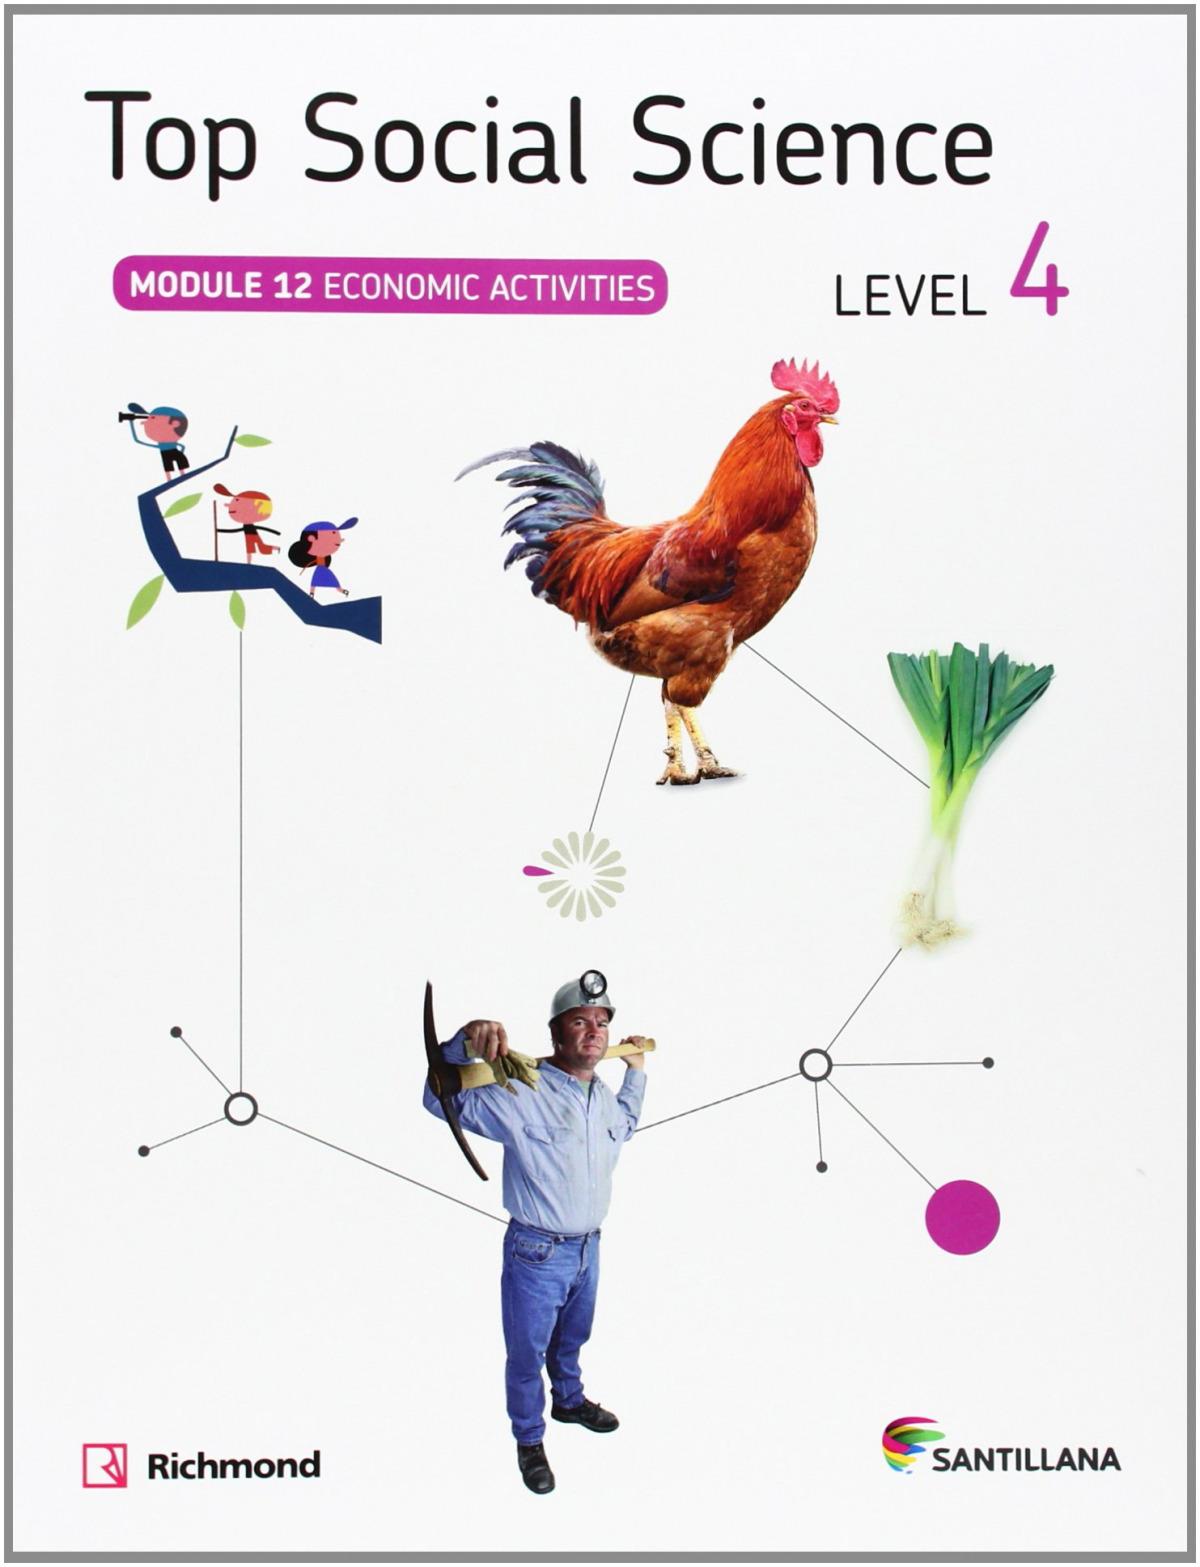 Top social science 4. Economic activities